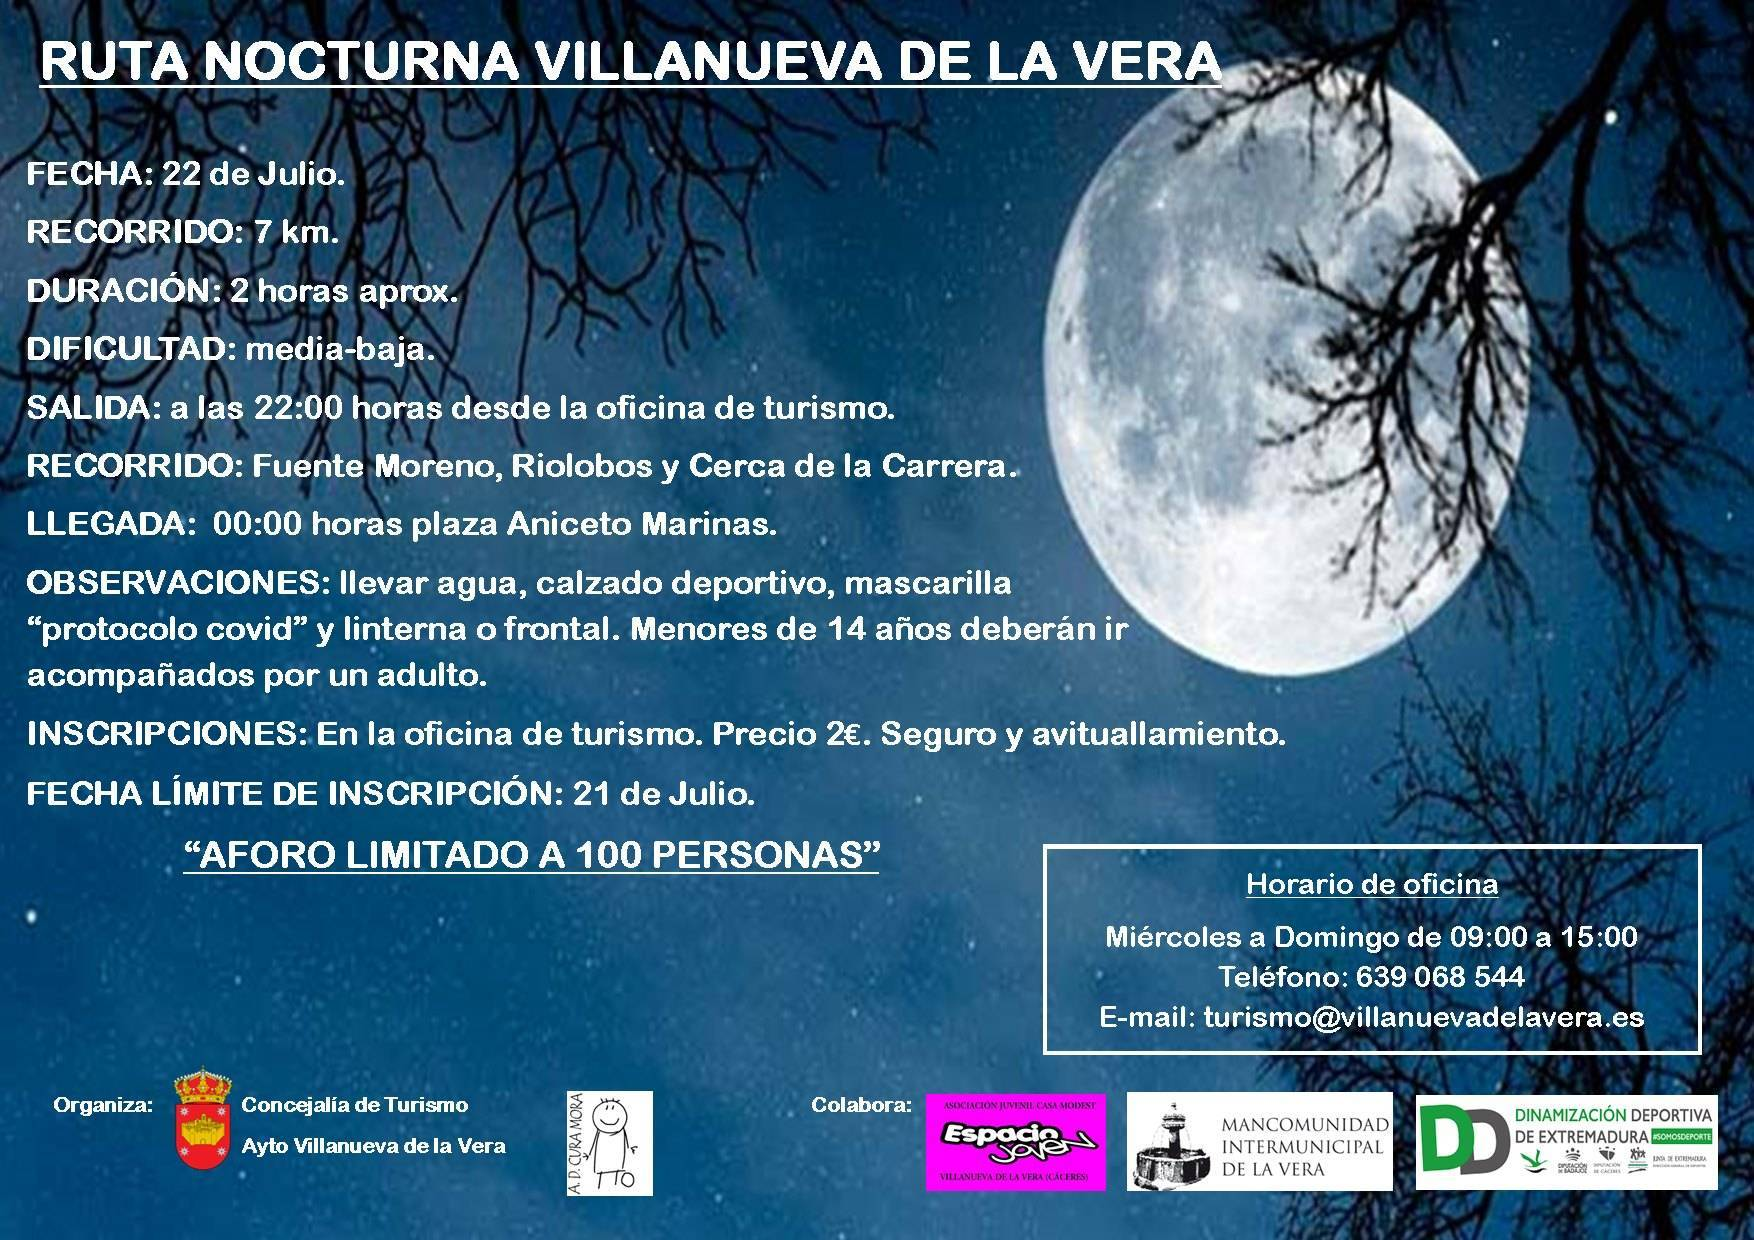 Ruta nocturna (2021) - Villanueva de la Vera (Cáceres)